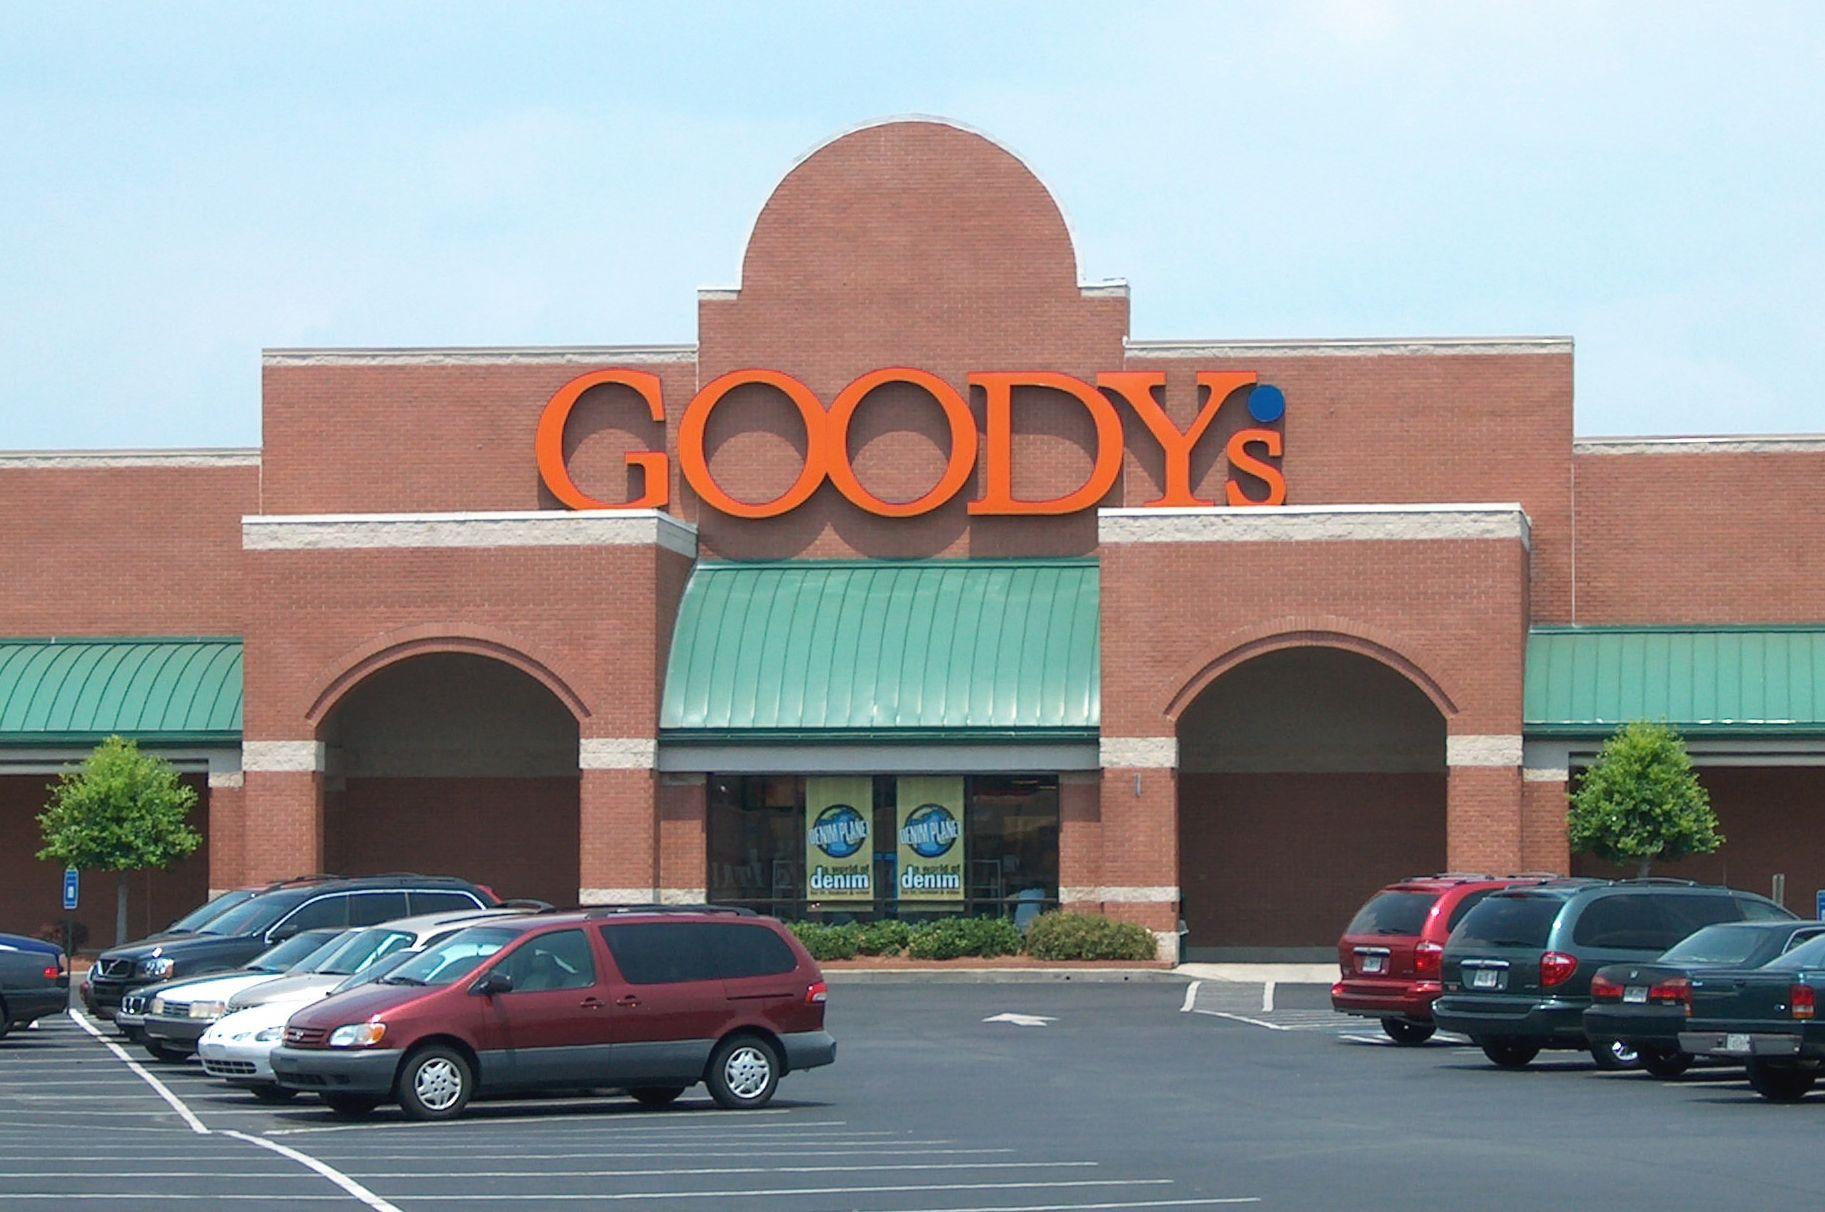 Ανακάλυψε τις πιο λαχταριστές Goody's γεύσεις, μάθε τα τελευταία νέα, βρες τα καταστήματά μας! Στα Goody's μπορείς να μοιράζεσαι το φαγητό με τους φίλους .